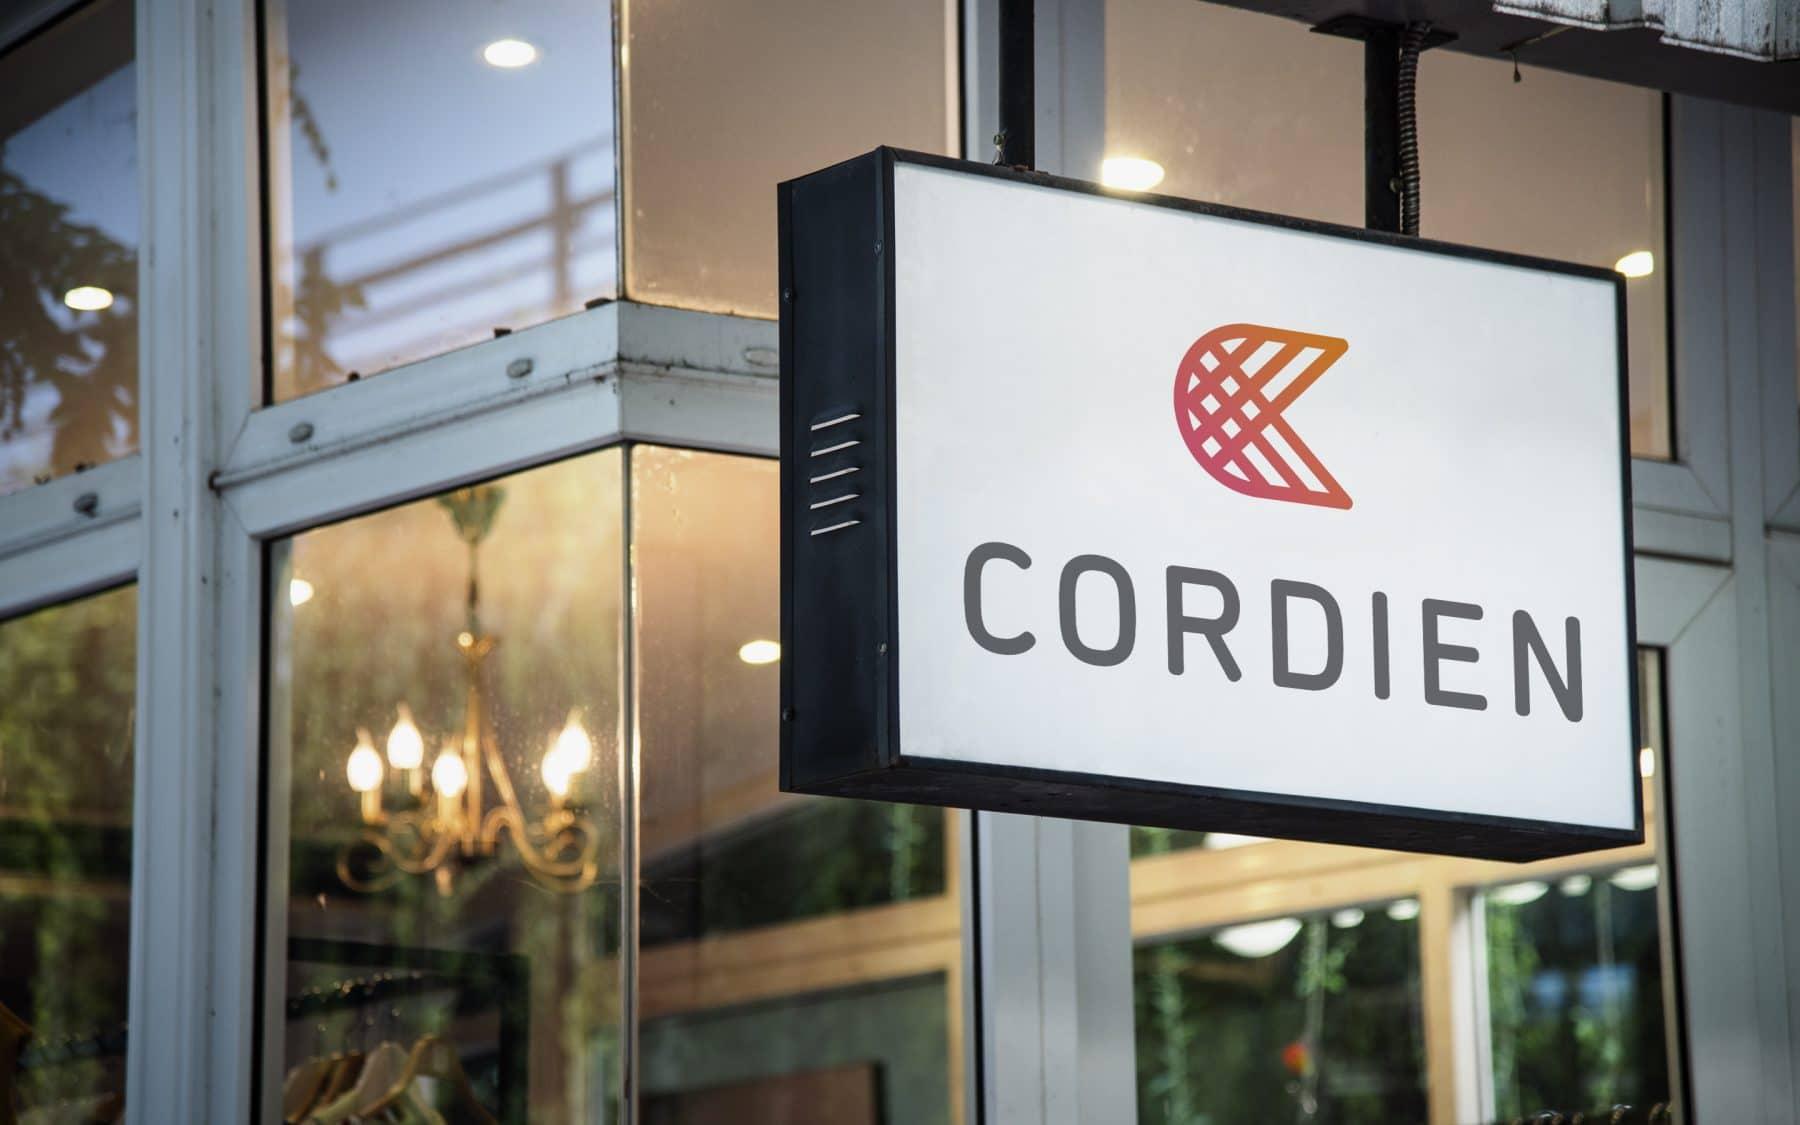 Cordien